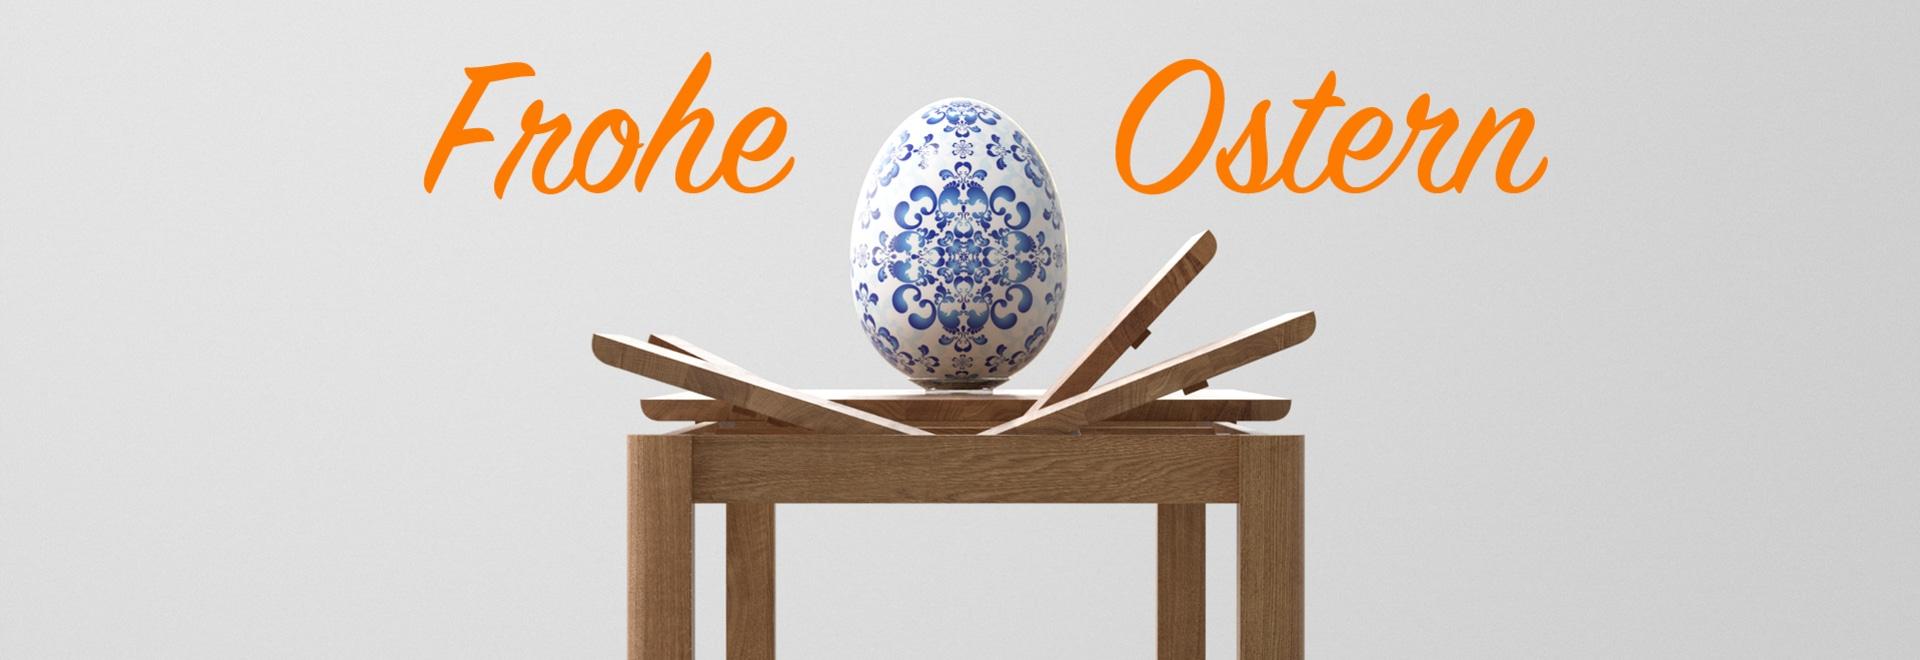 Tables de salle à manger extensibles pendant des mealtimes de famille. Joyeuses Pâques !